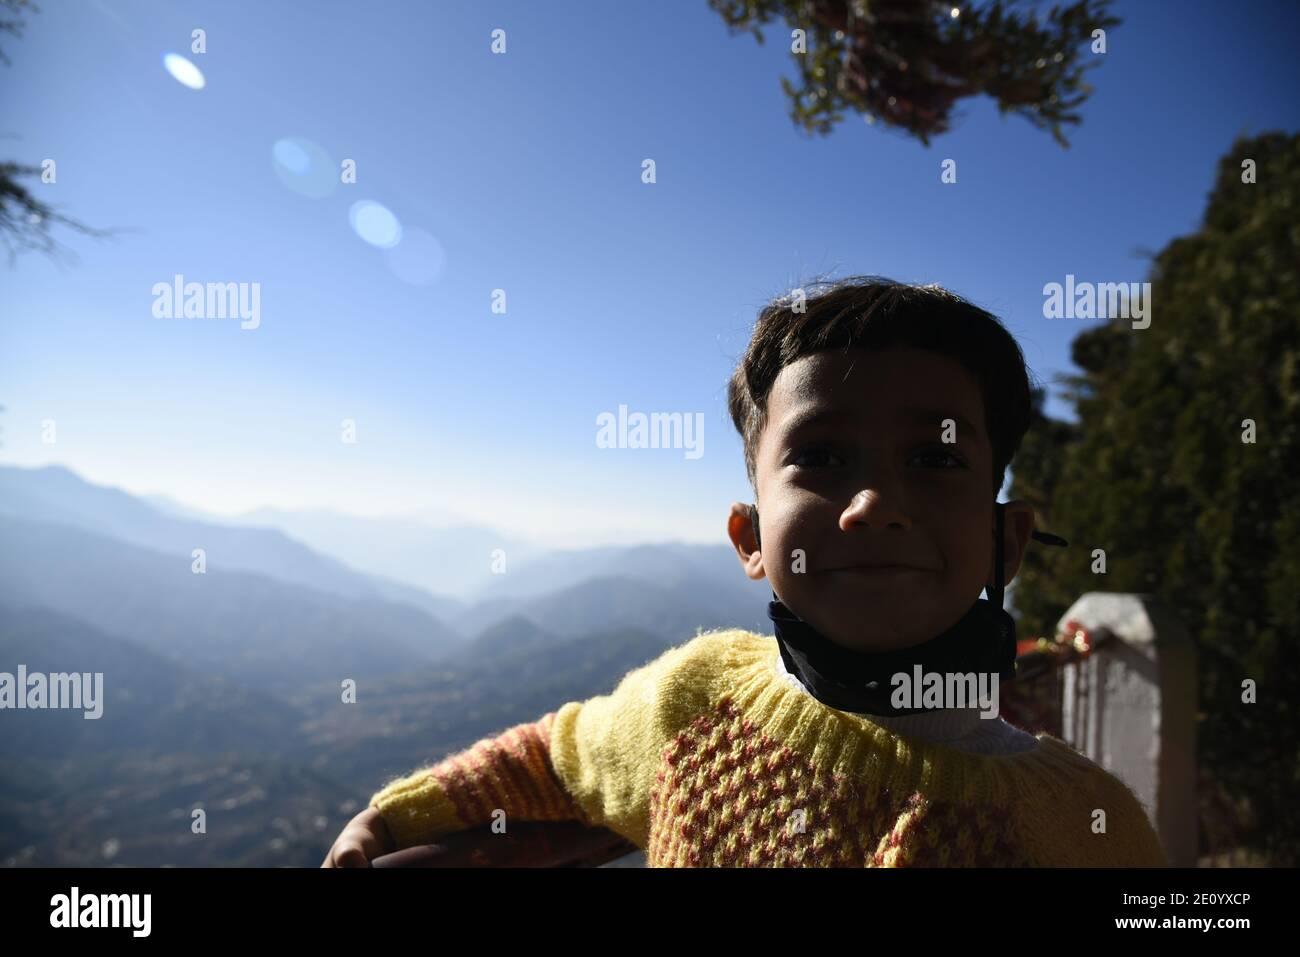 Vue panoramique sur la montagne de l'Himalaya depuis le temple Hindou Lord Shiva Mukteshwar situé dans le district de Nainital, dans l'État d'Uttarakhand. Banque D'Images